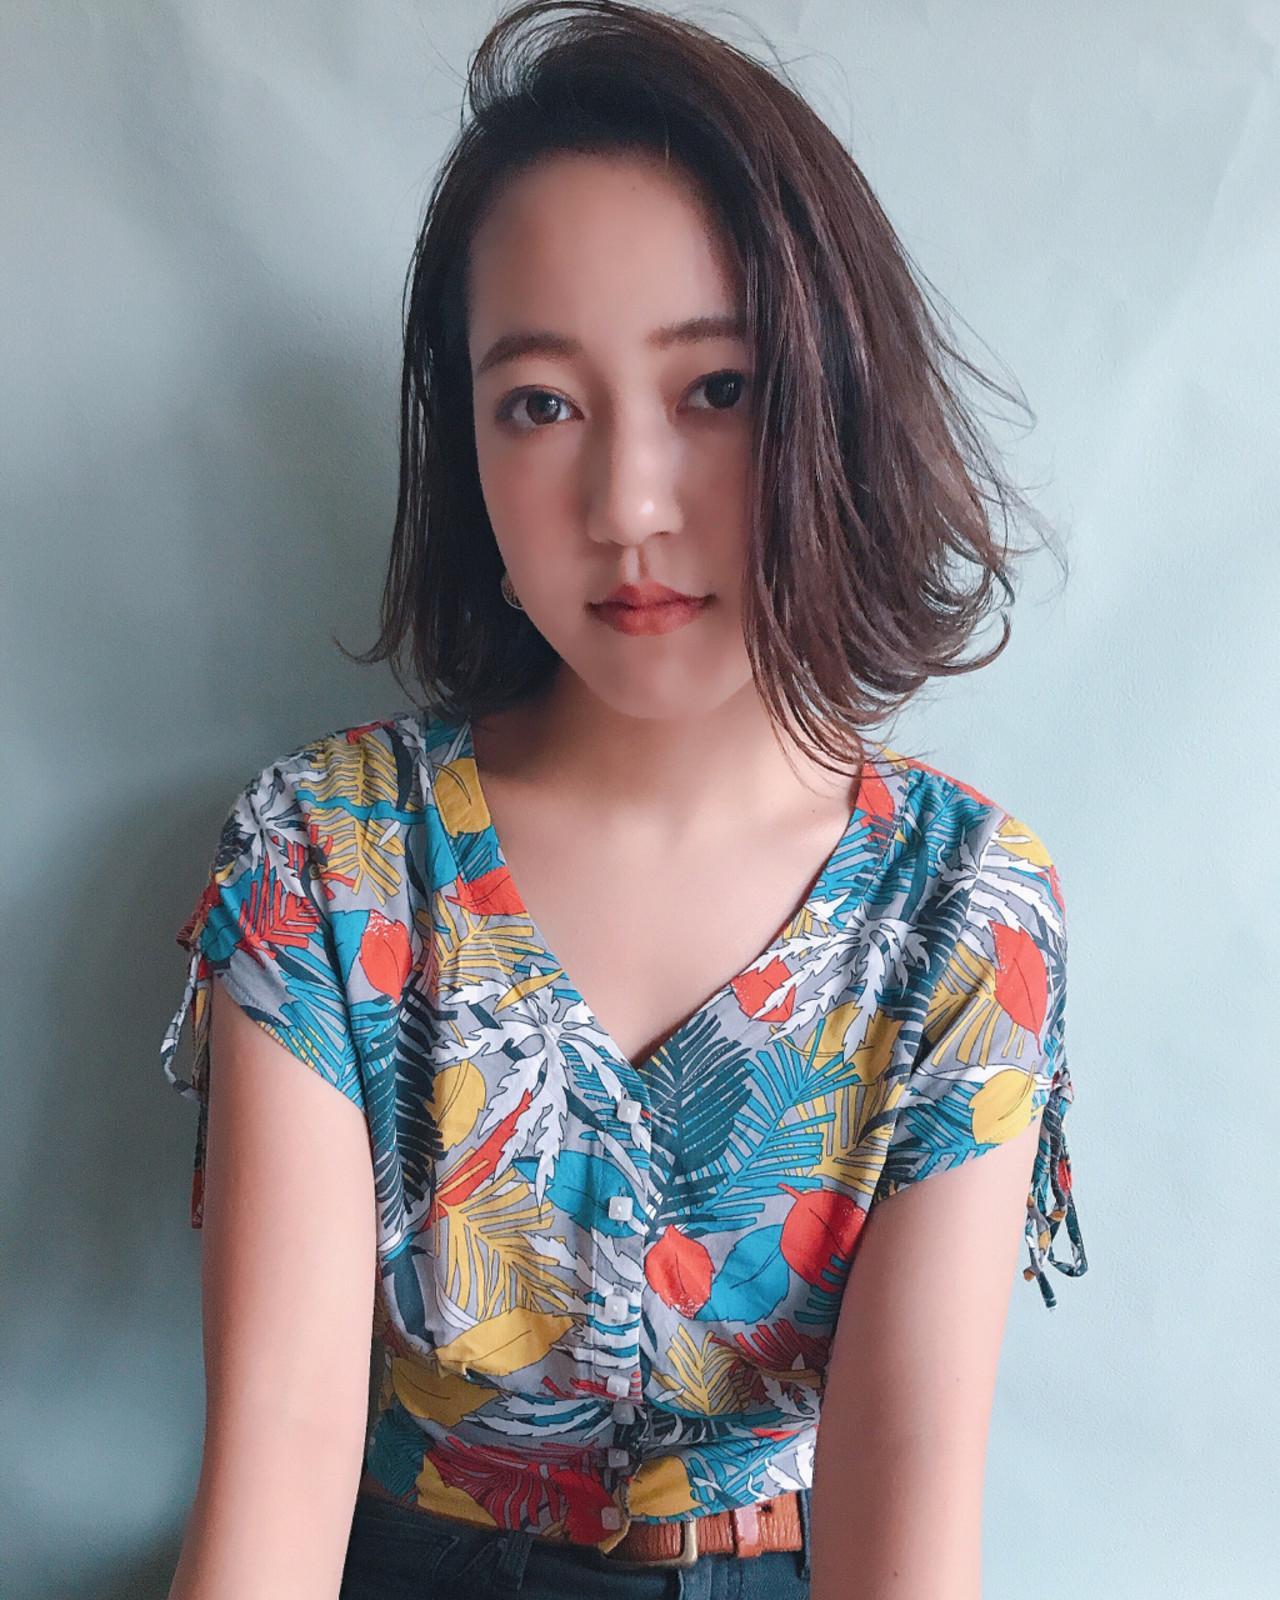 女子会 ウェーブ ボブ 梅雨 ヘアスタイルや髪型の写真・画像 | YUJI / LIICHI / LIICHI (リイチ)